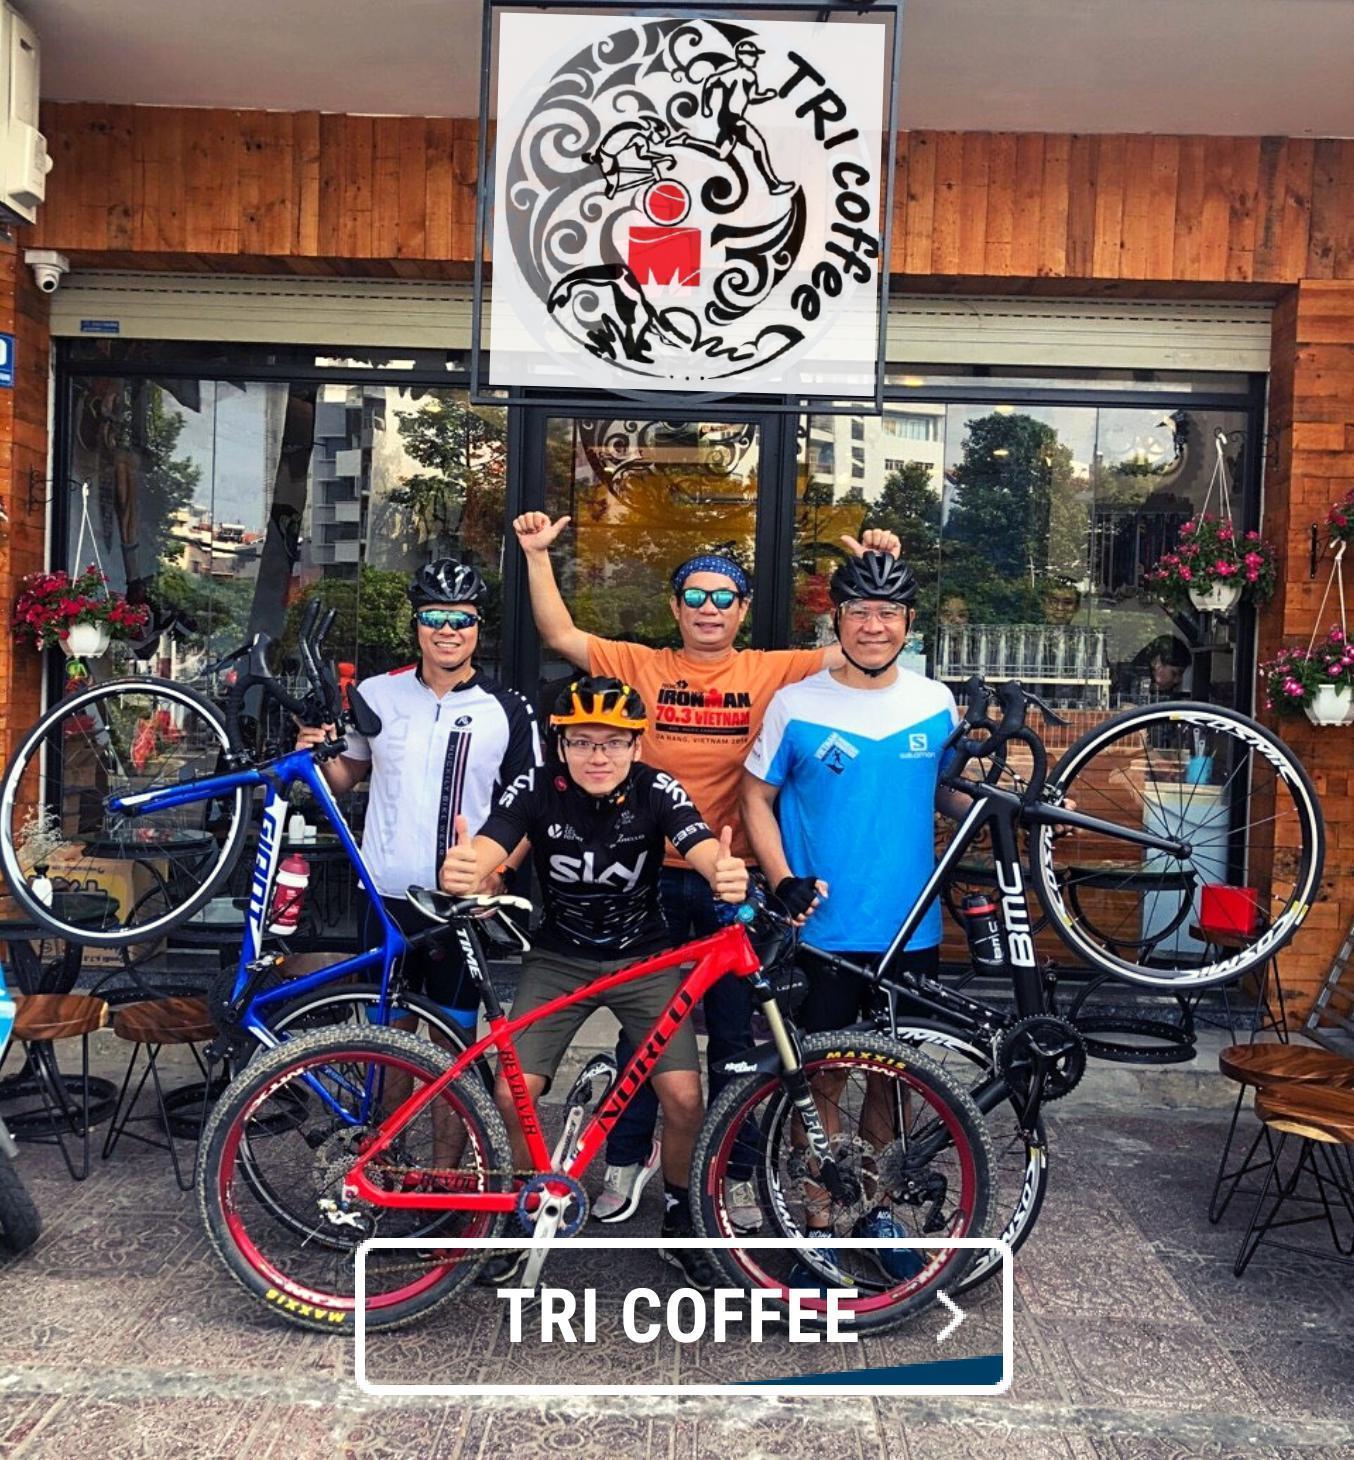 Click&collect, click and collect, đối tác giao hàng, tricoffee, tri cafe, chạy bộ, đạp xe